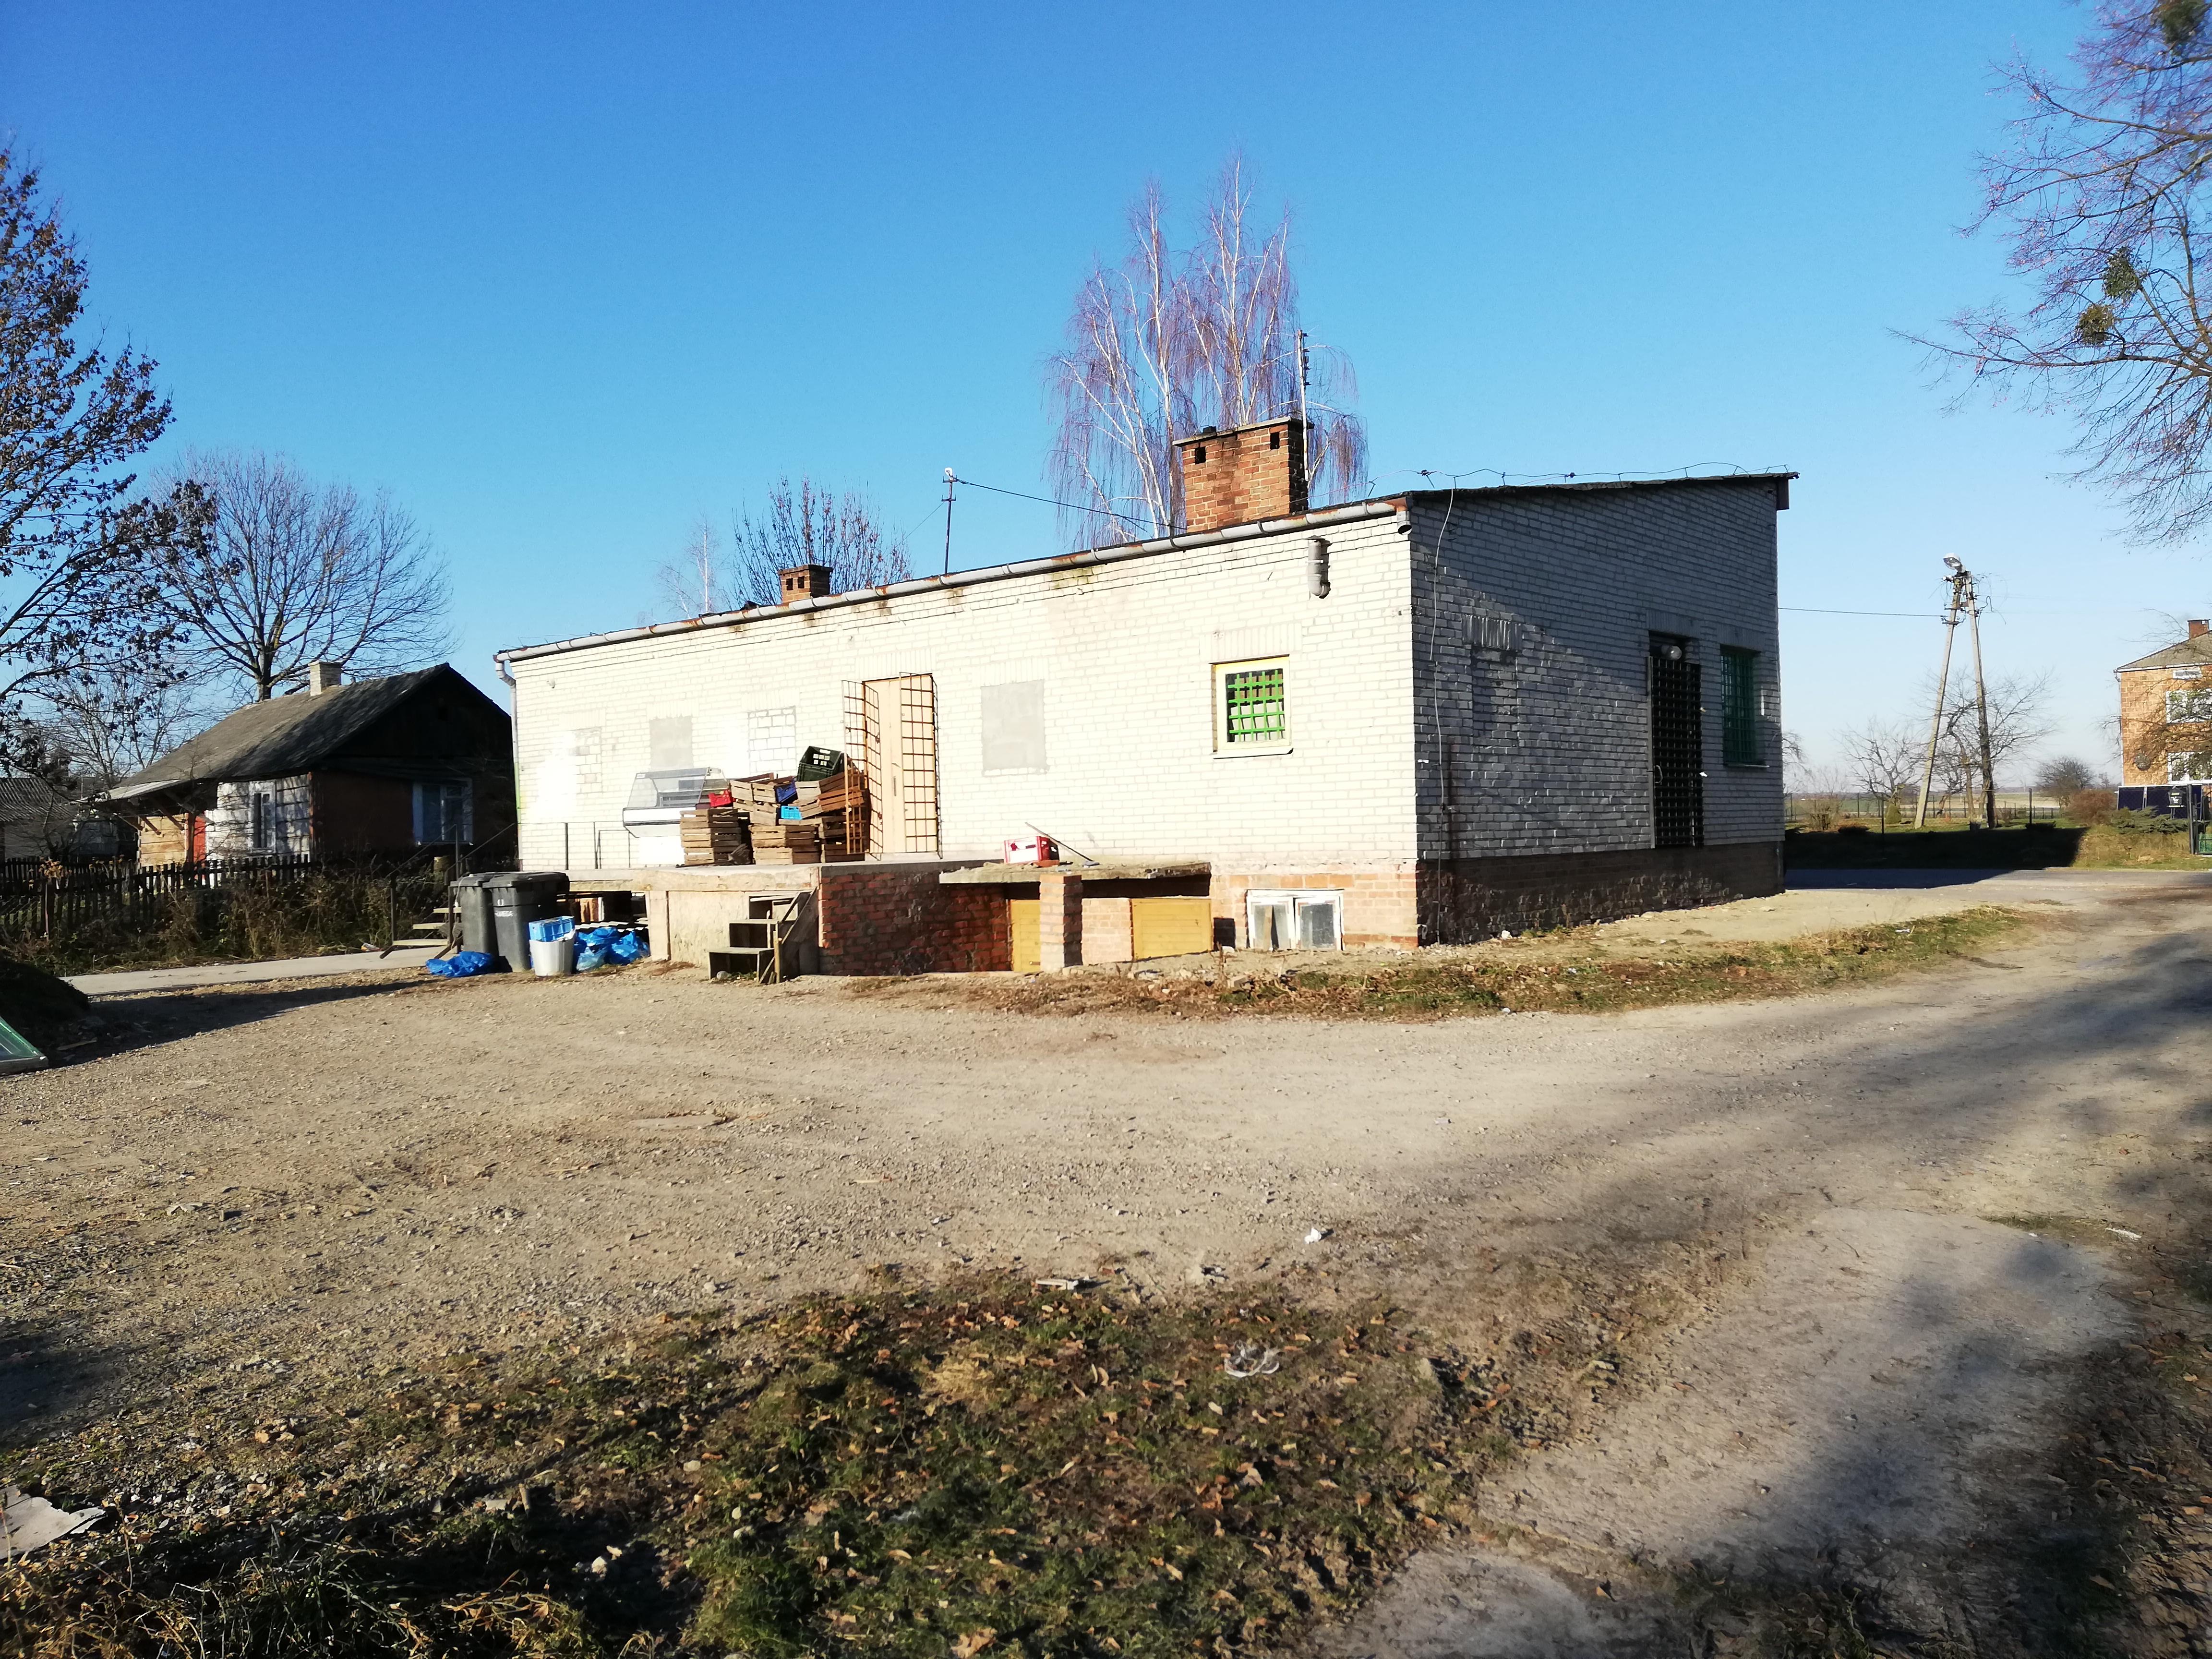 budynek usługowo-handlowy Tarnawa Duża - lokal na sprzedaż - Krzysztof Górski Nieruchomości Zamość